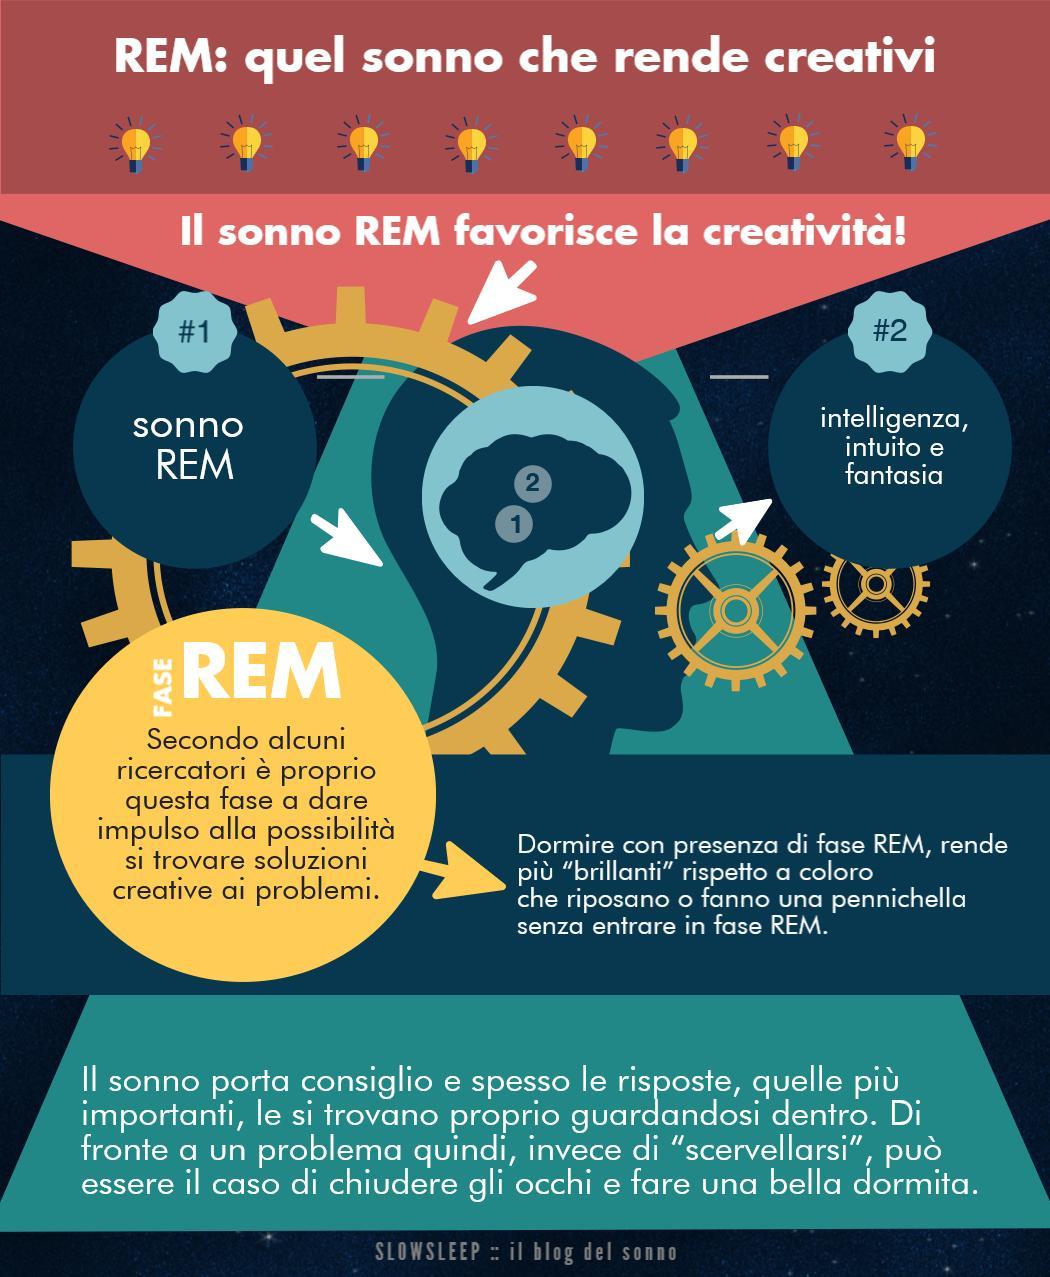 Il sonno REM è creativo